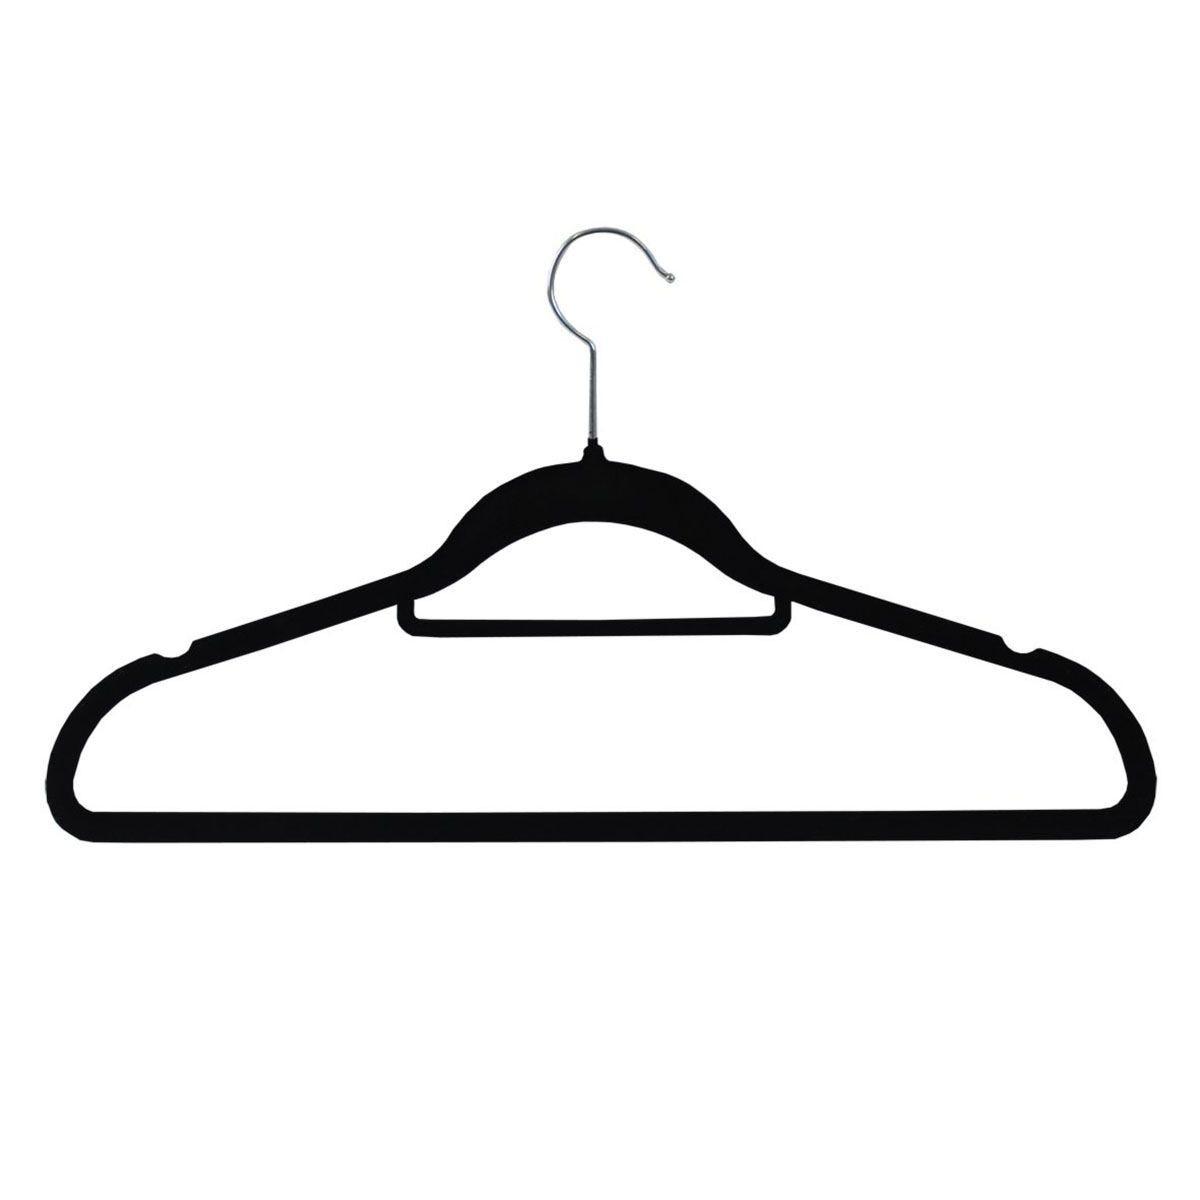 JVL Black Velvet Non-Slip Coat Hangers - Pack of 200